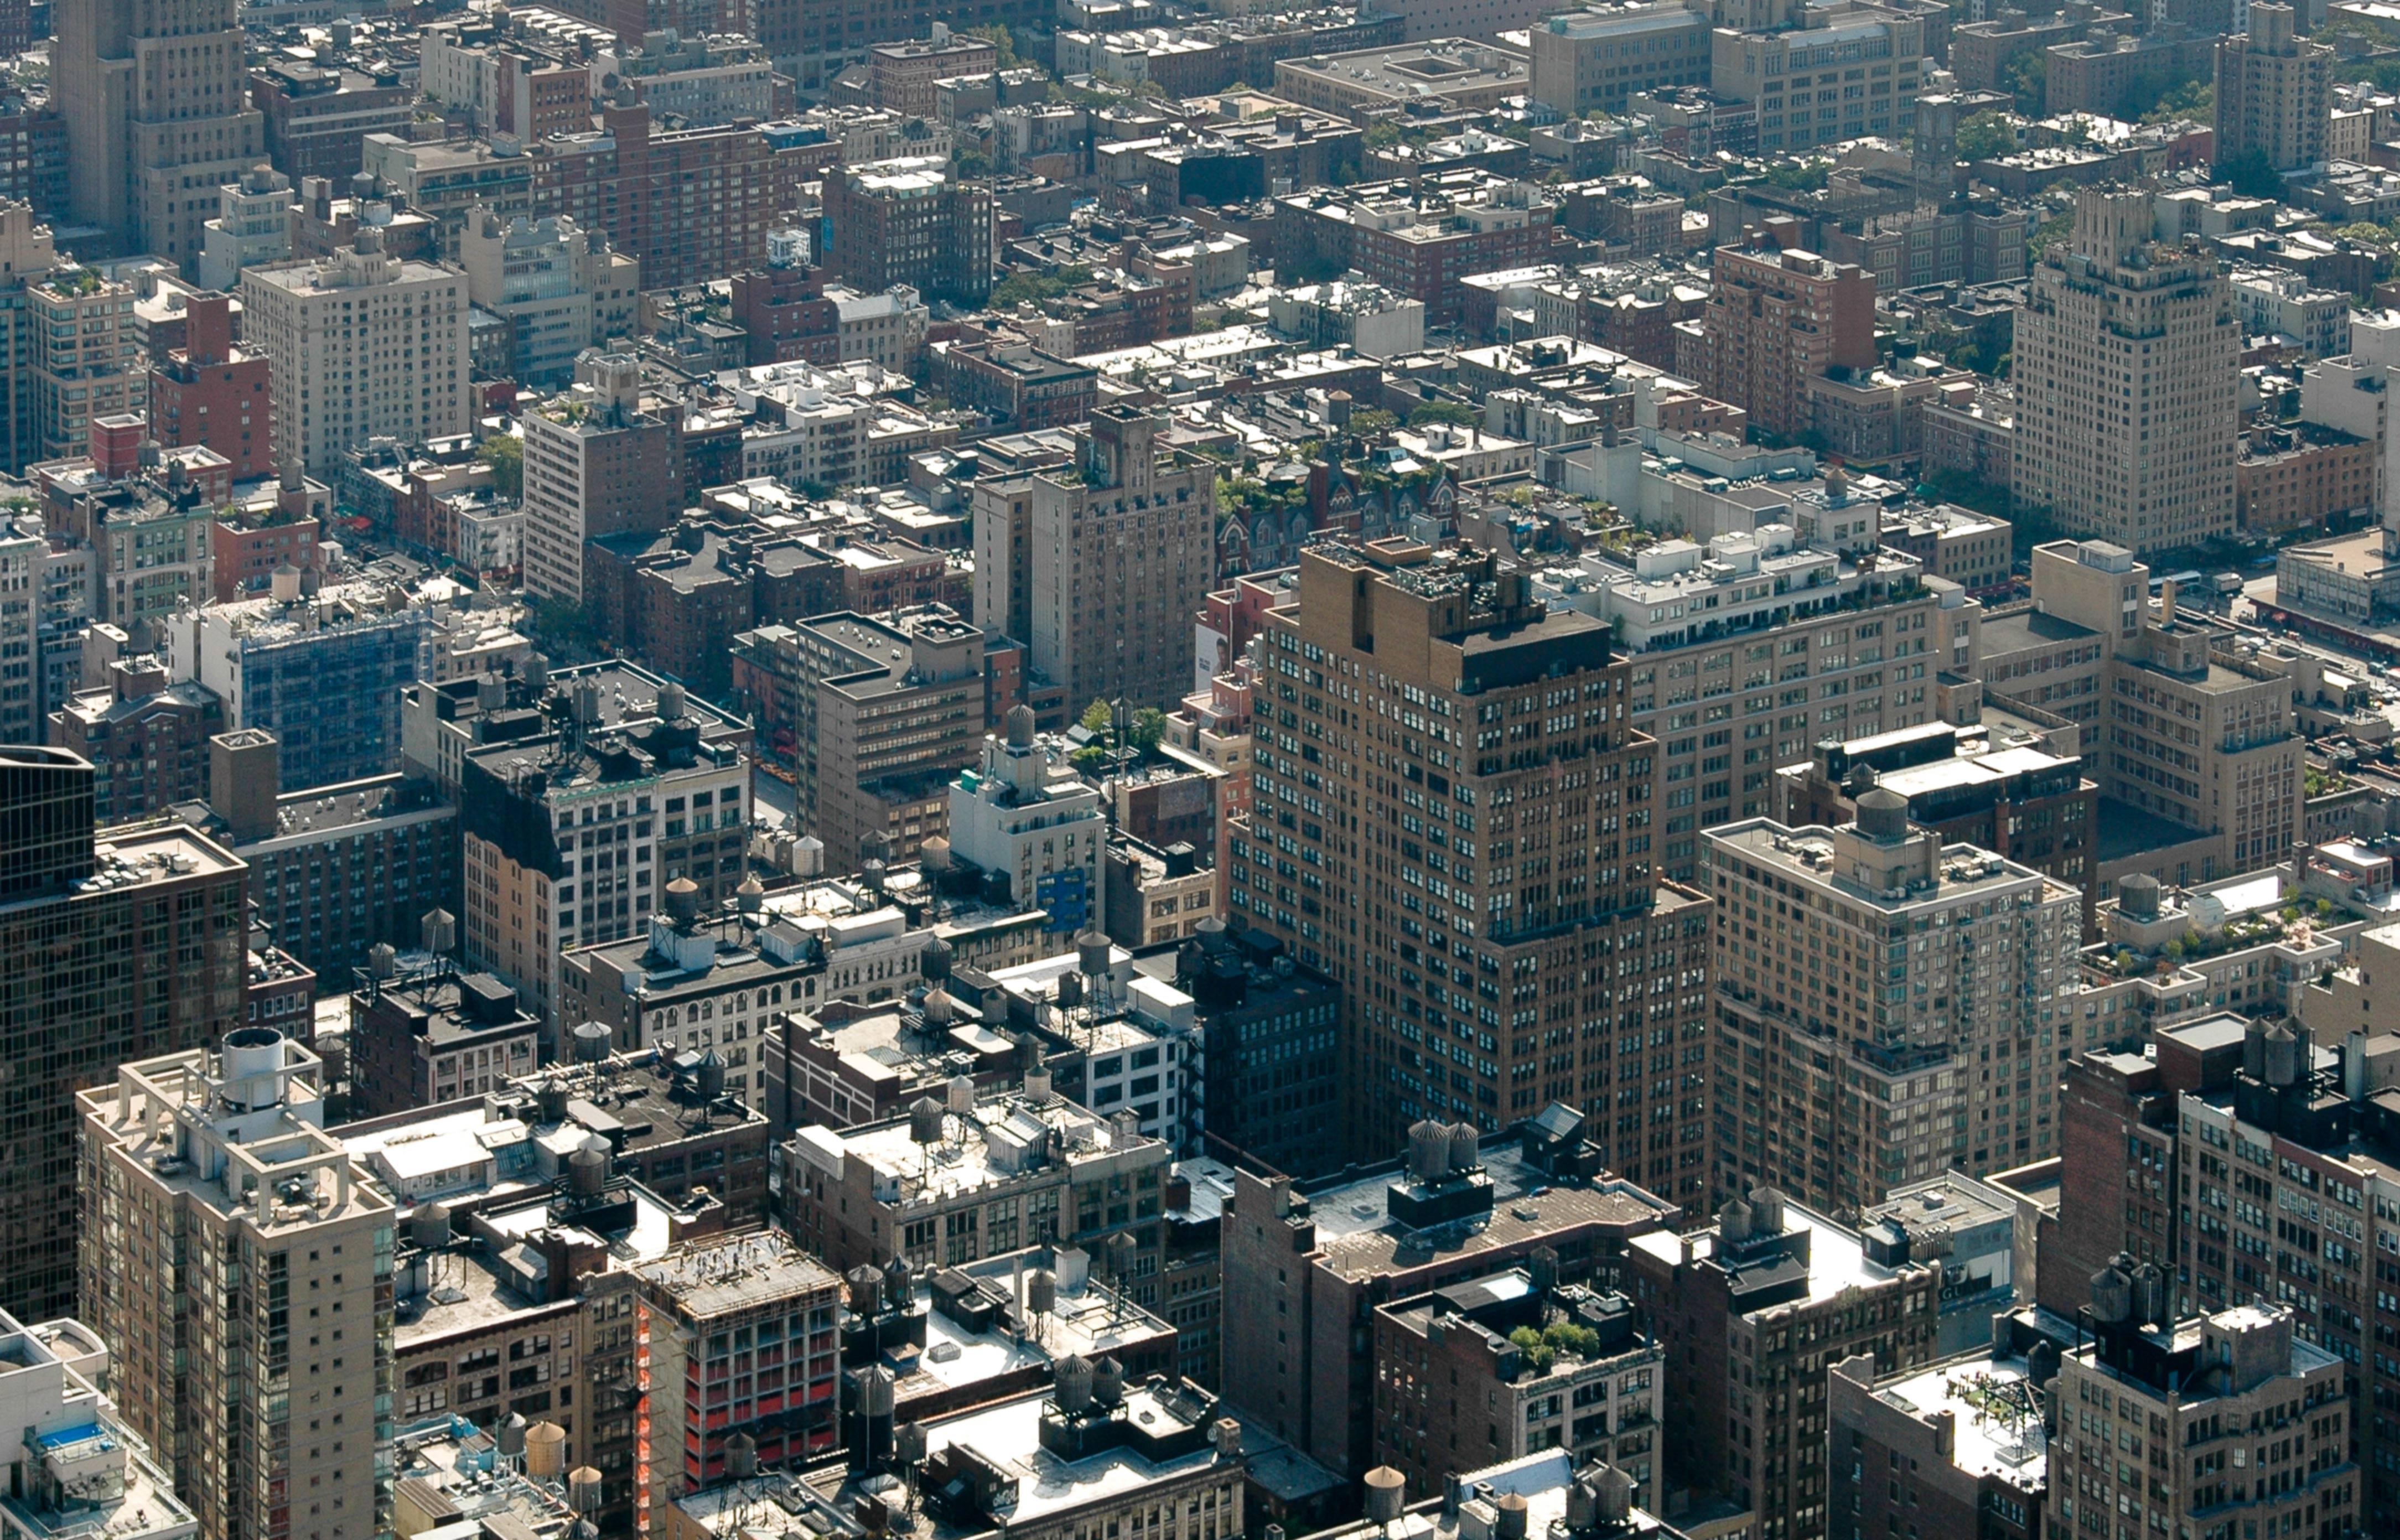 New York Concrete Jungle